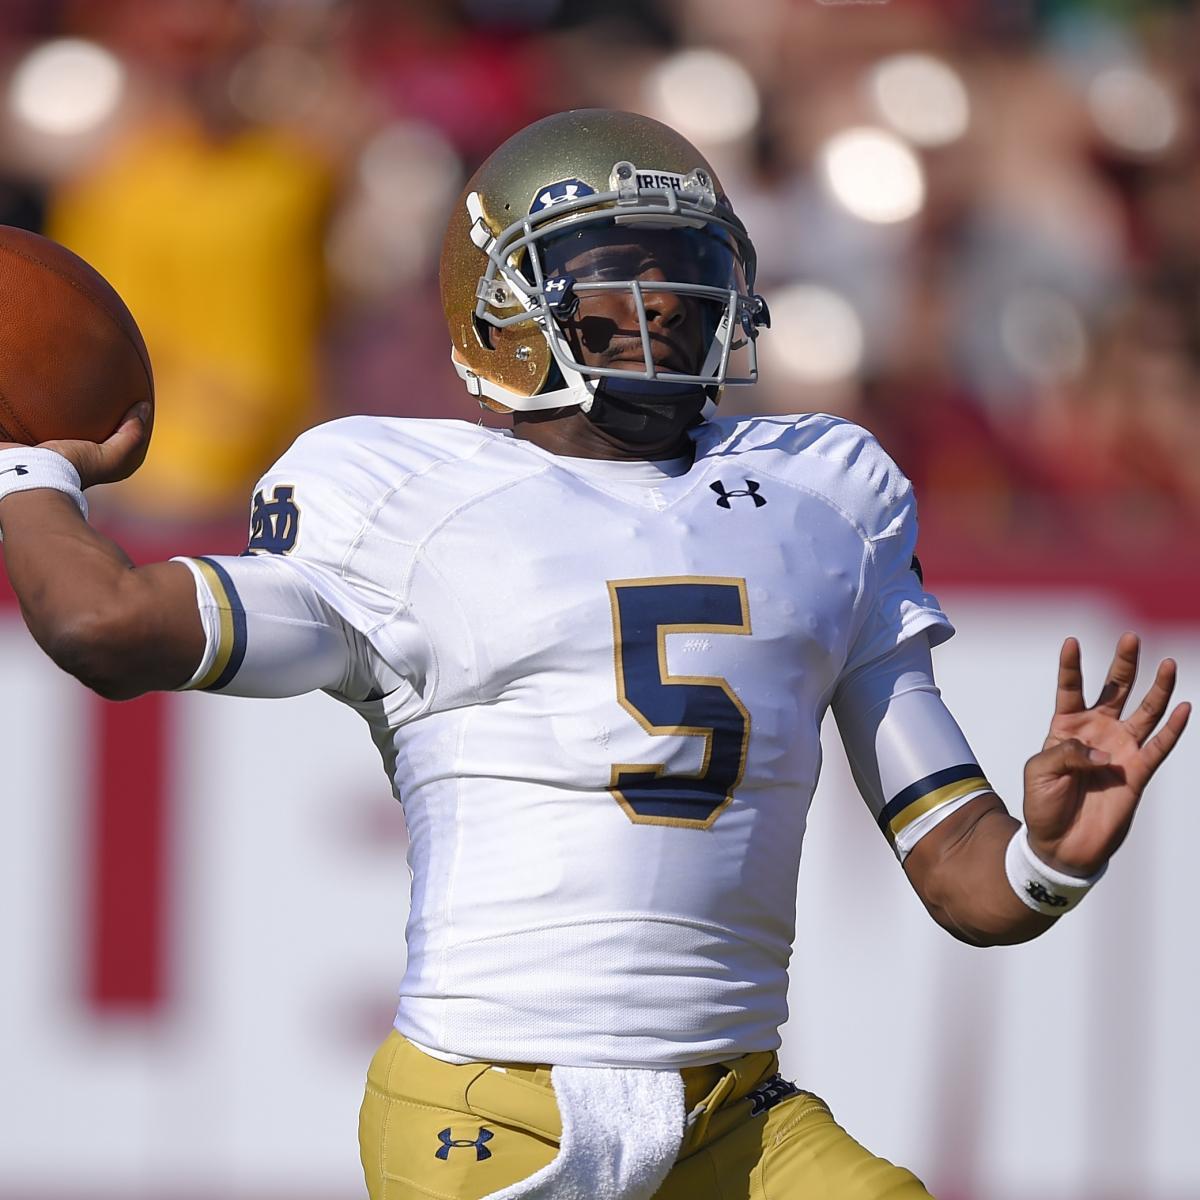 Music City Bowl Betting: Notre Dame Fighting Irish Vs. LSU